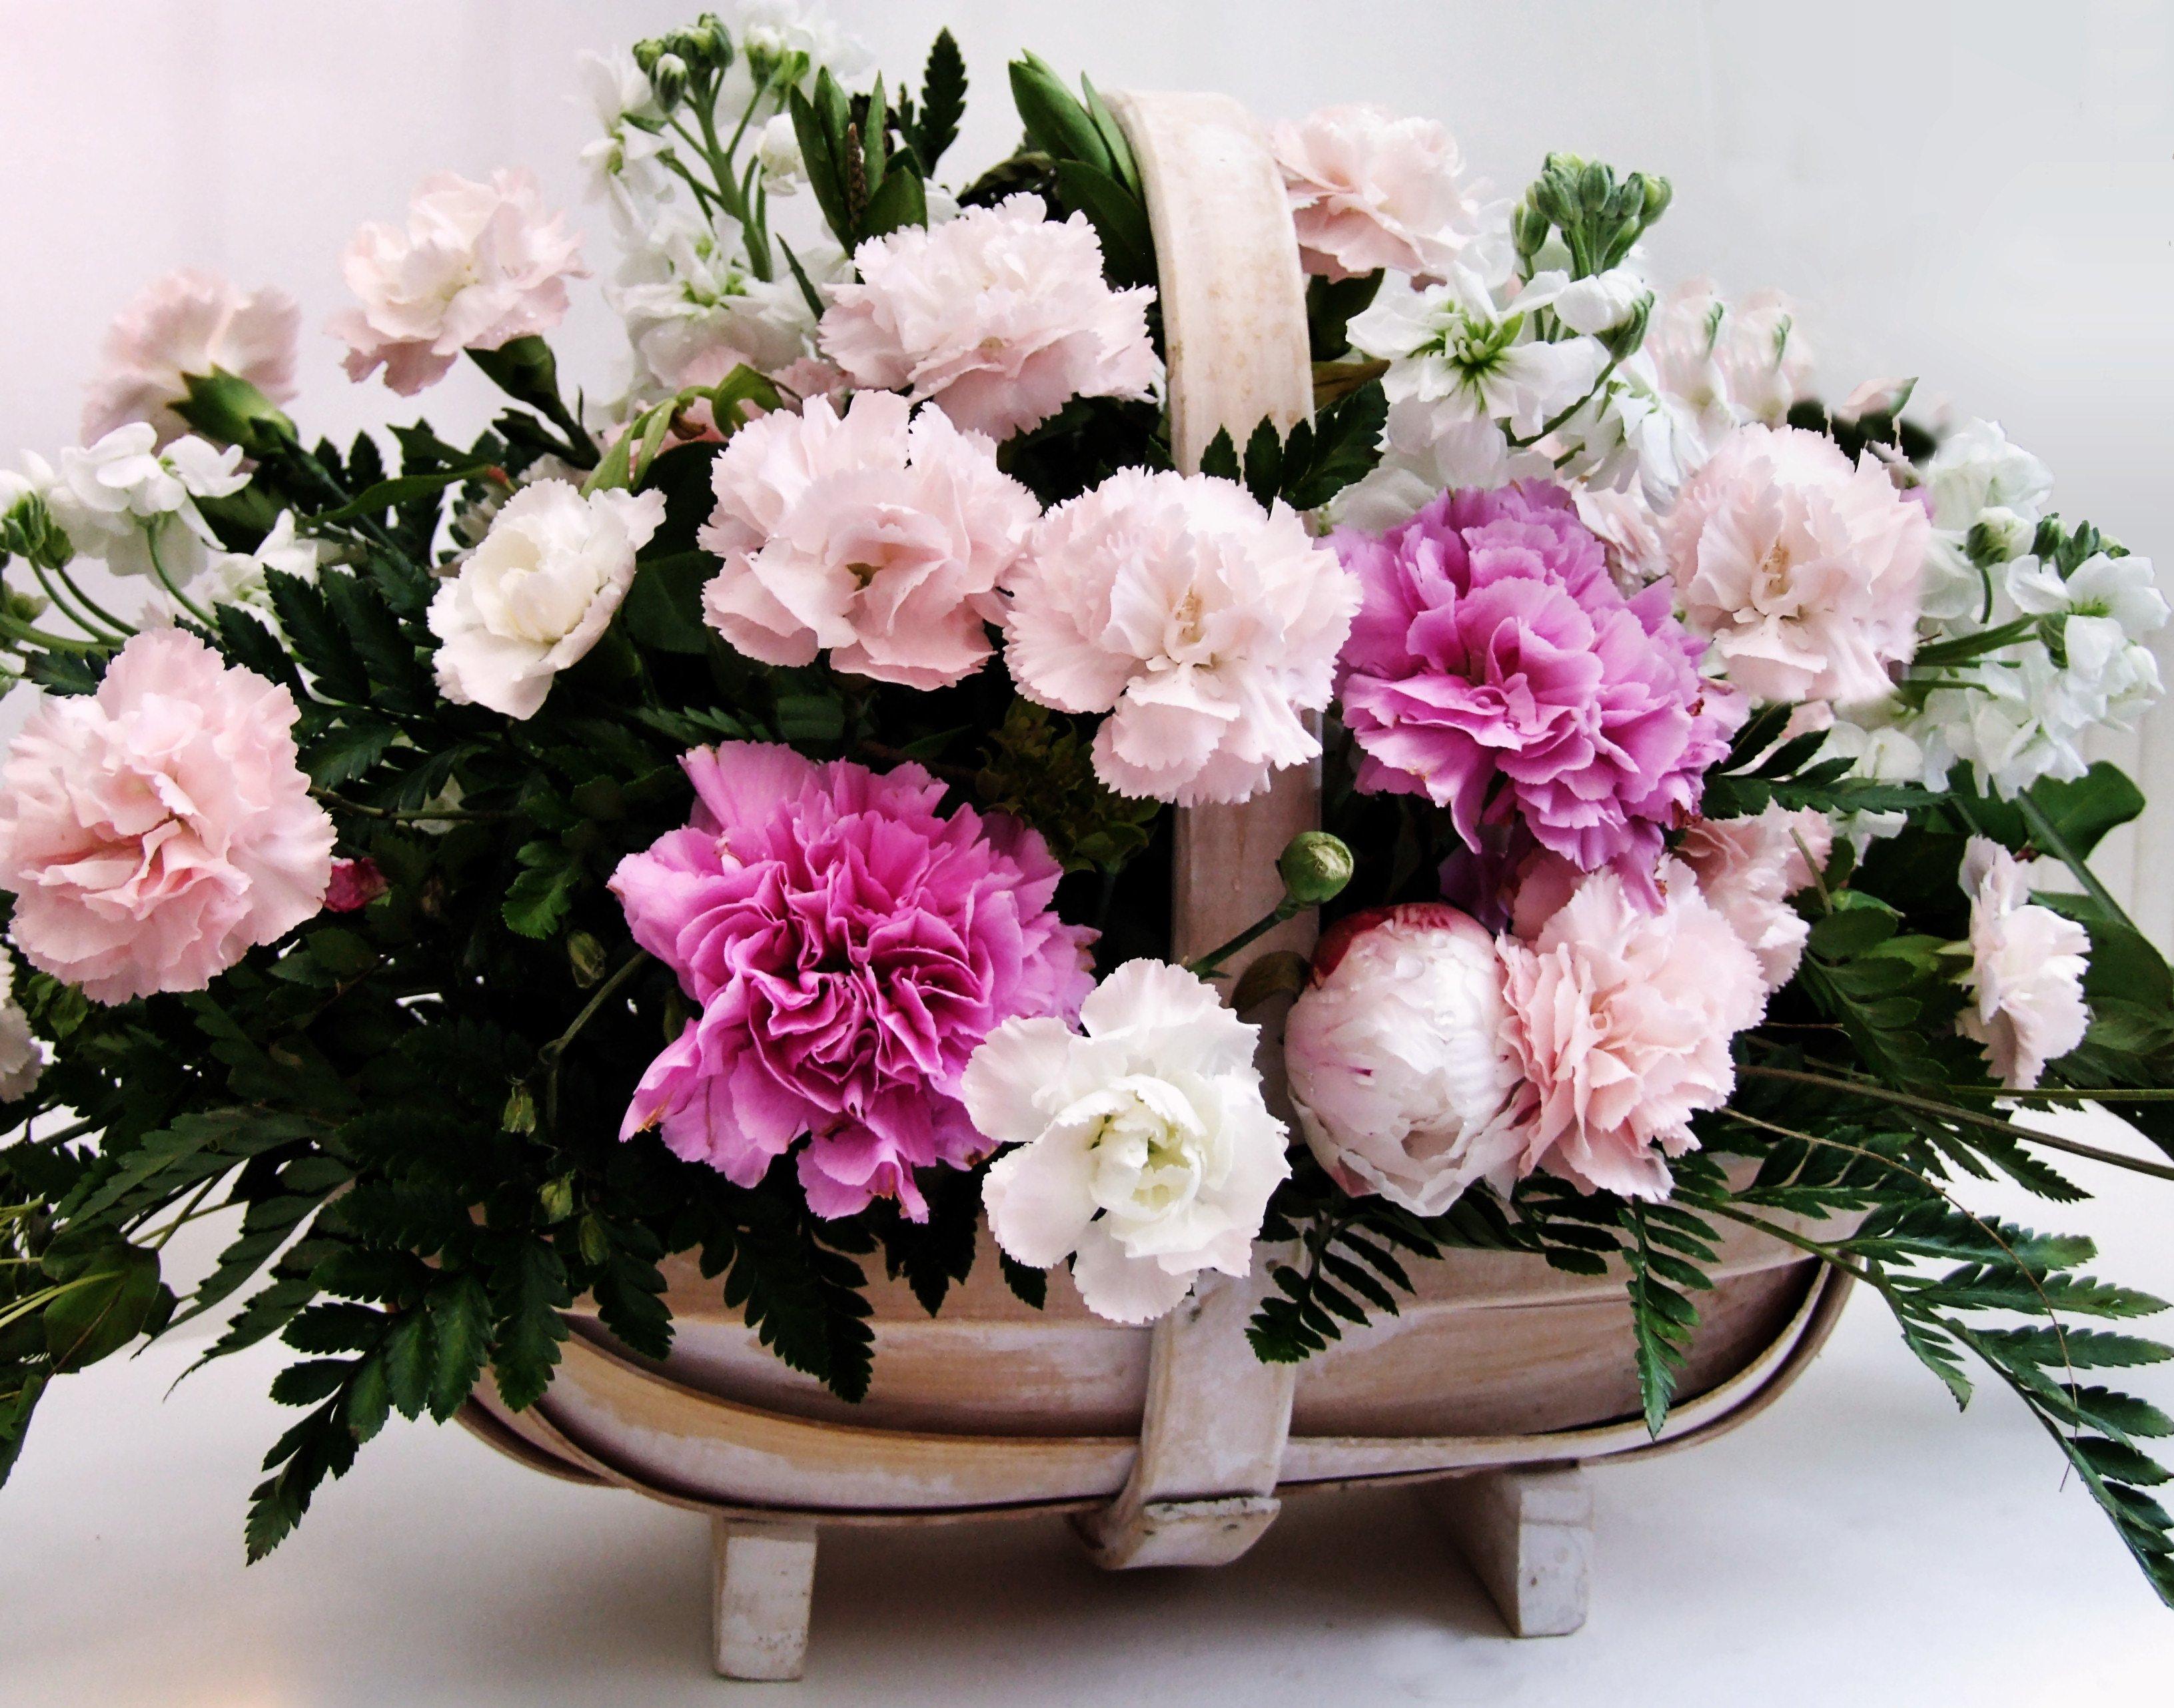 What makes some flowers last longer - Flower PressFlower Press